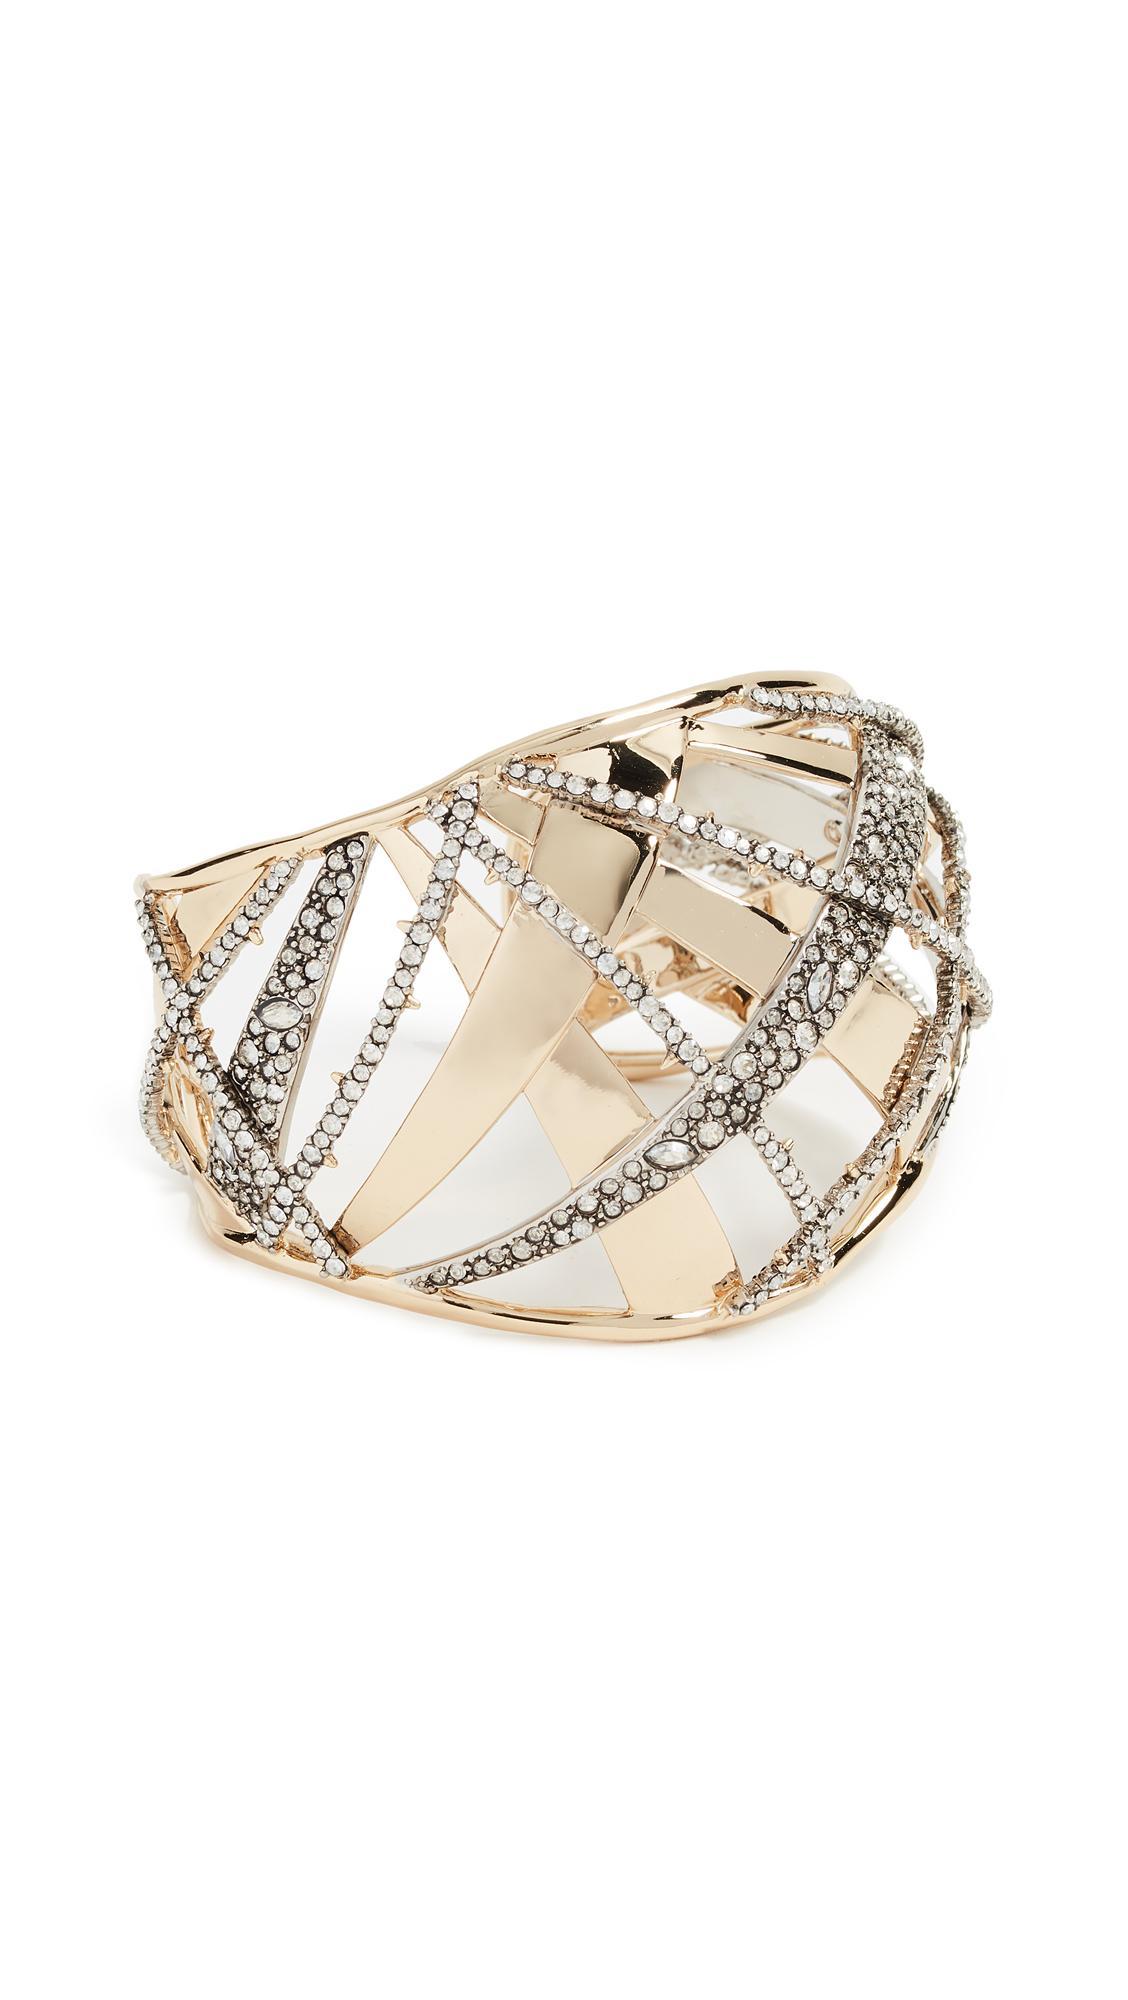 Alexis Bittar Crystal Encrusted Medium Plaid Cuff In Gold/Rhodium